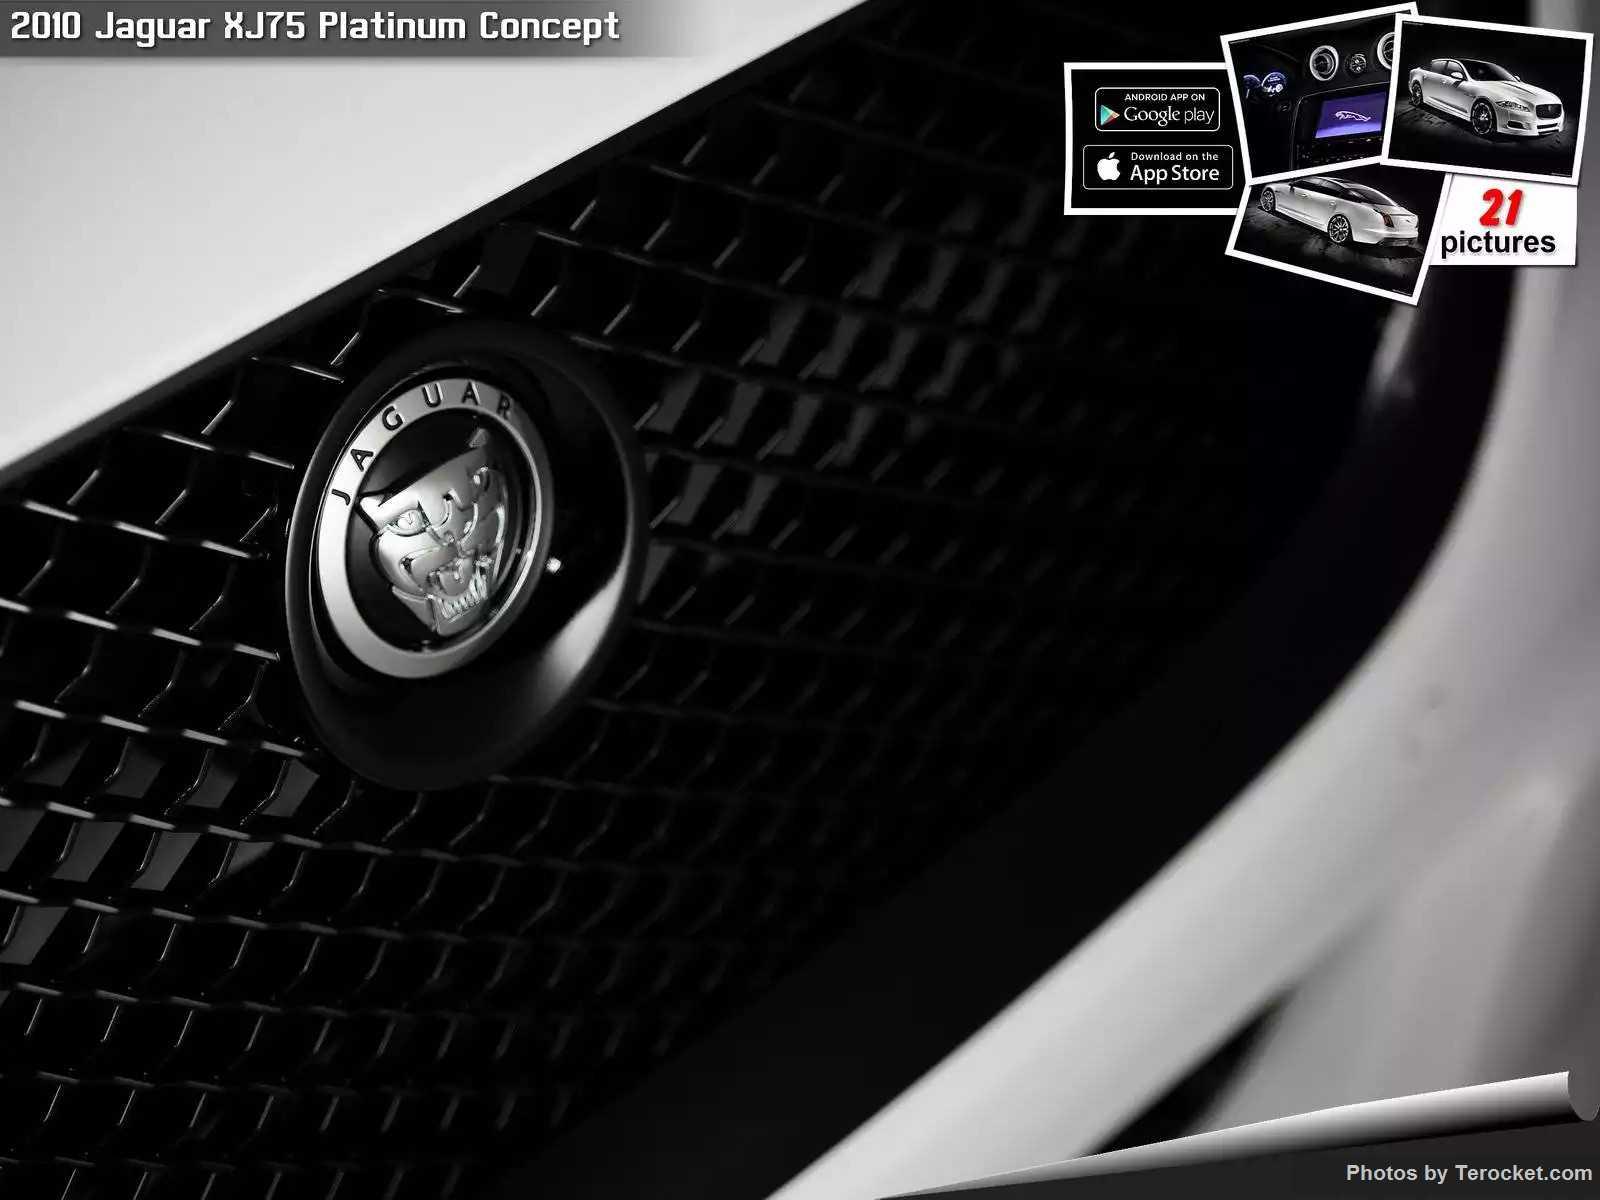 Hình ảnh xe ô tô Jaguar XJ75 Platinum Concept 2010 & nội ngoại thất